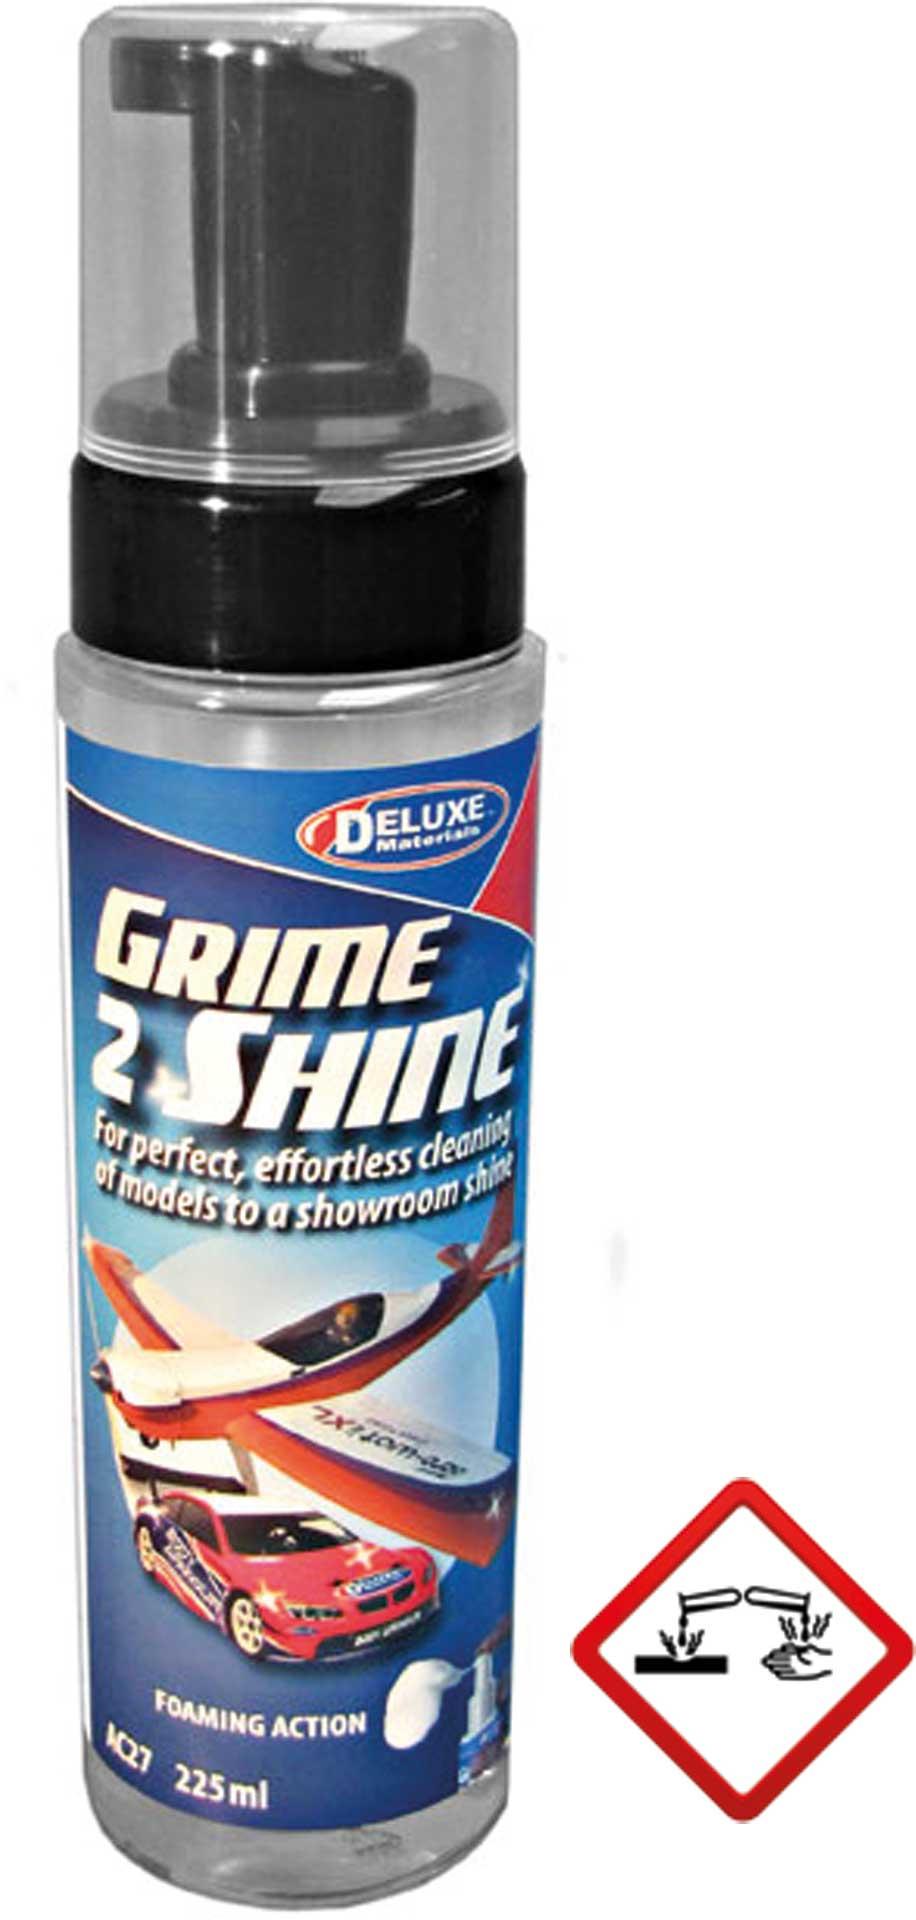 DELUXE GRIME 2 SHINE 225ML SCHAUMREINIGER